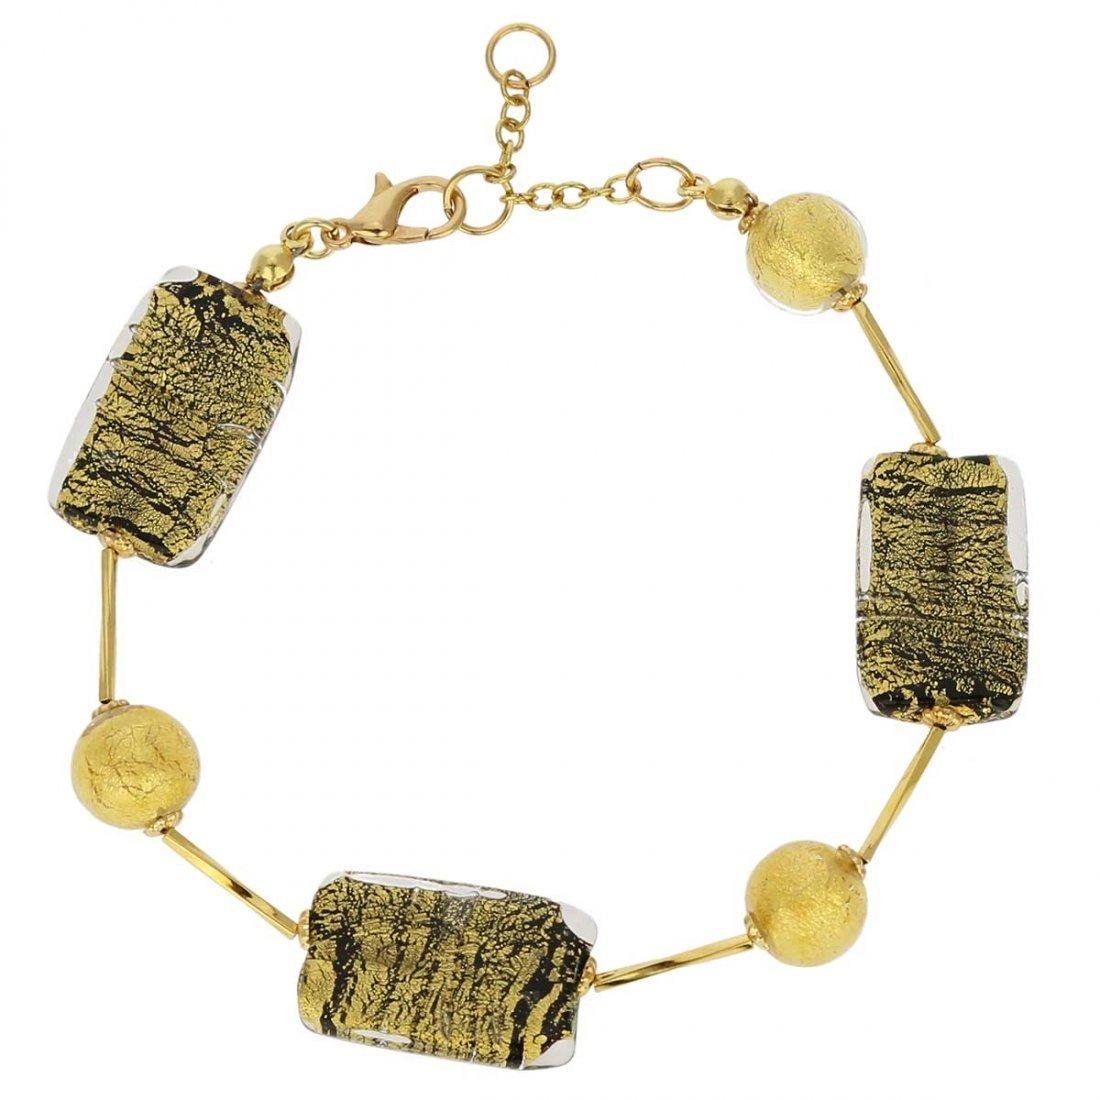 Vivaldi Murano Bracelet - Black and Gold